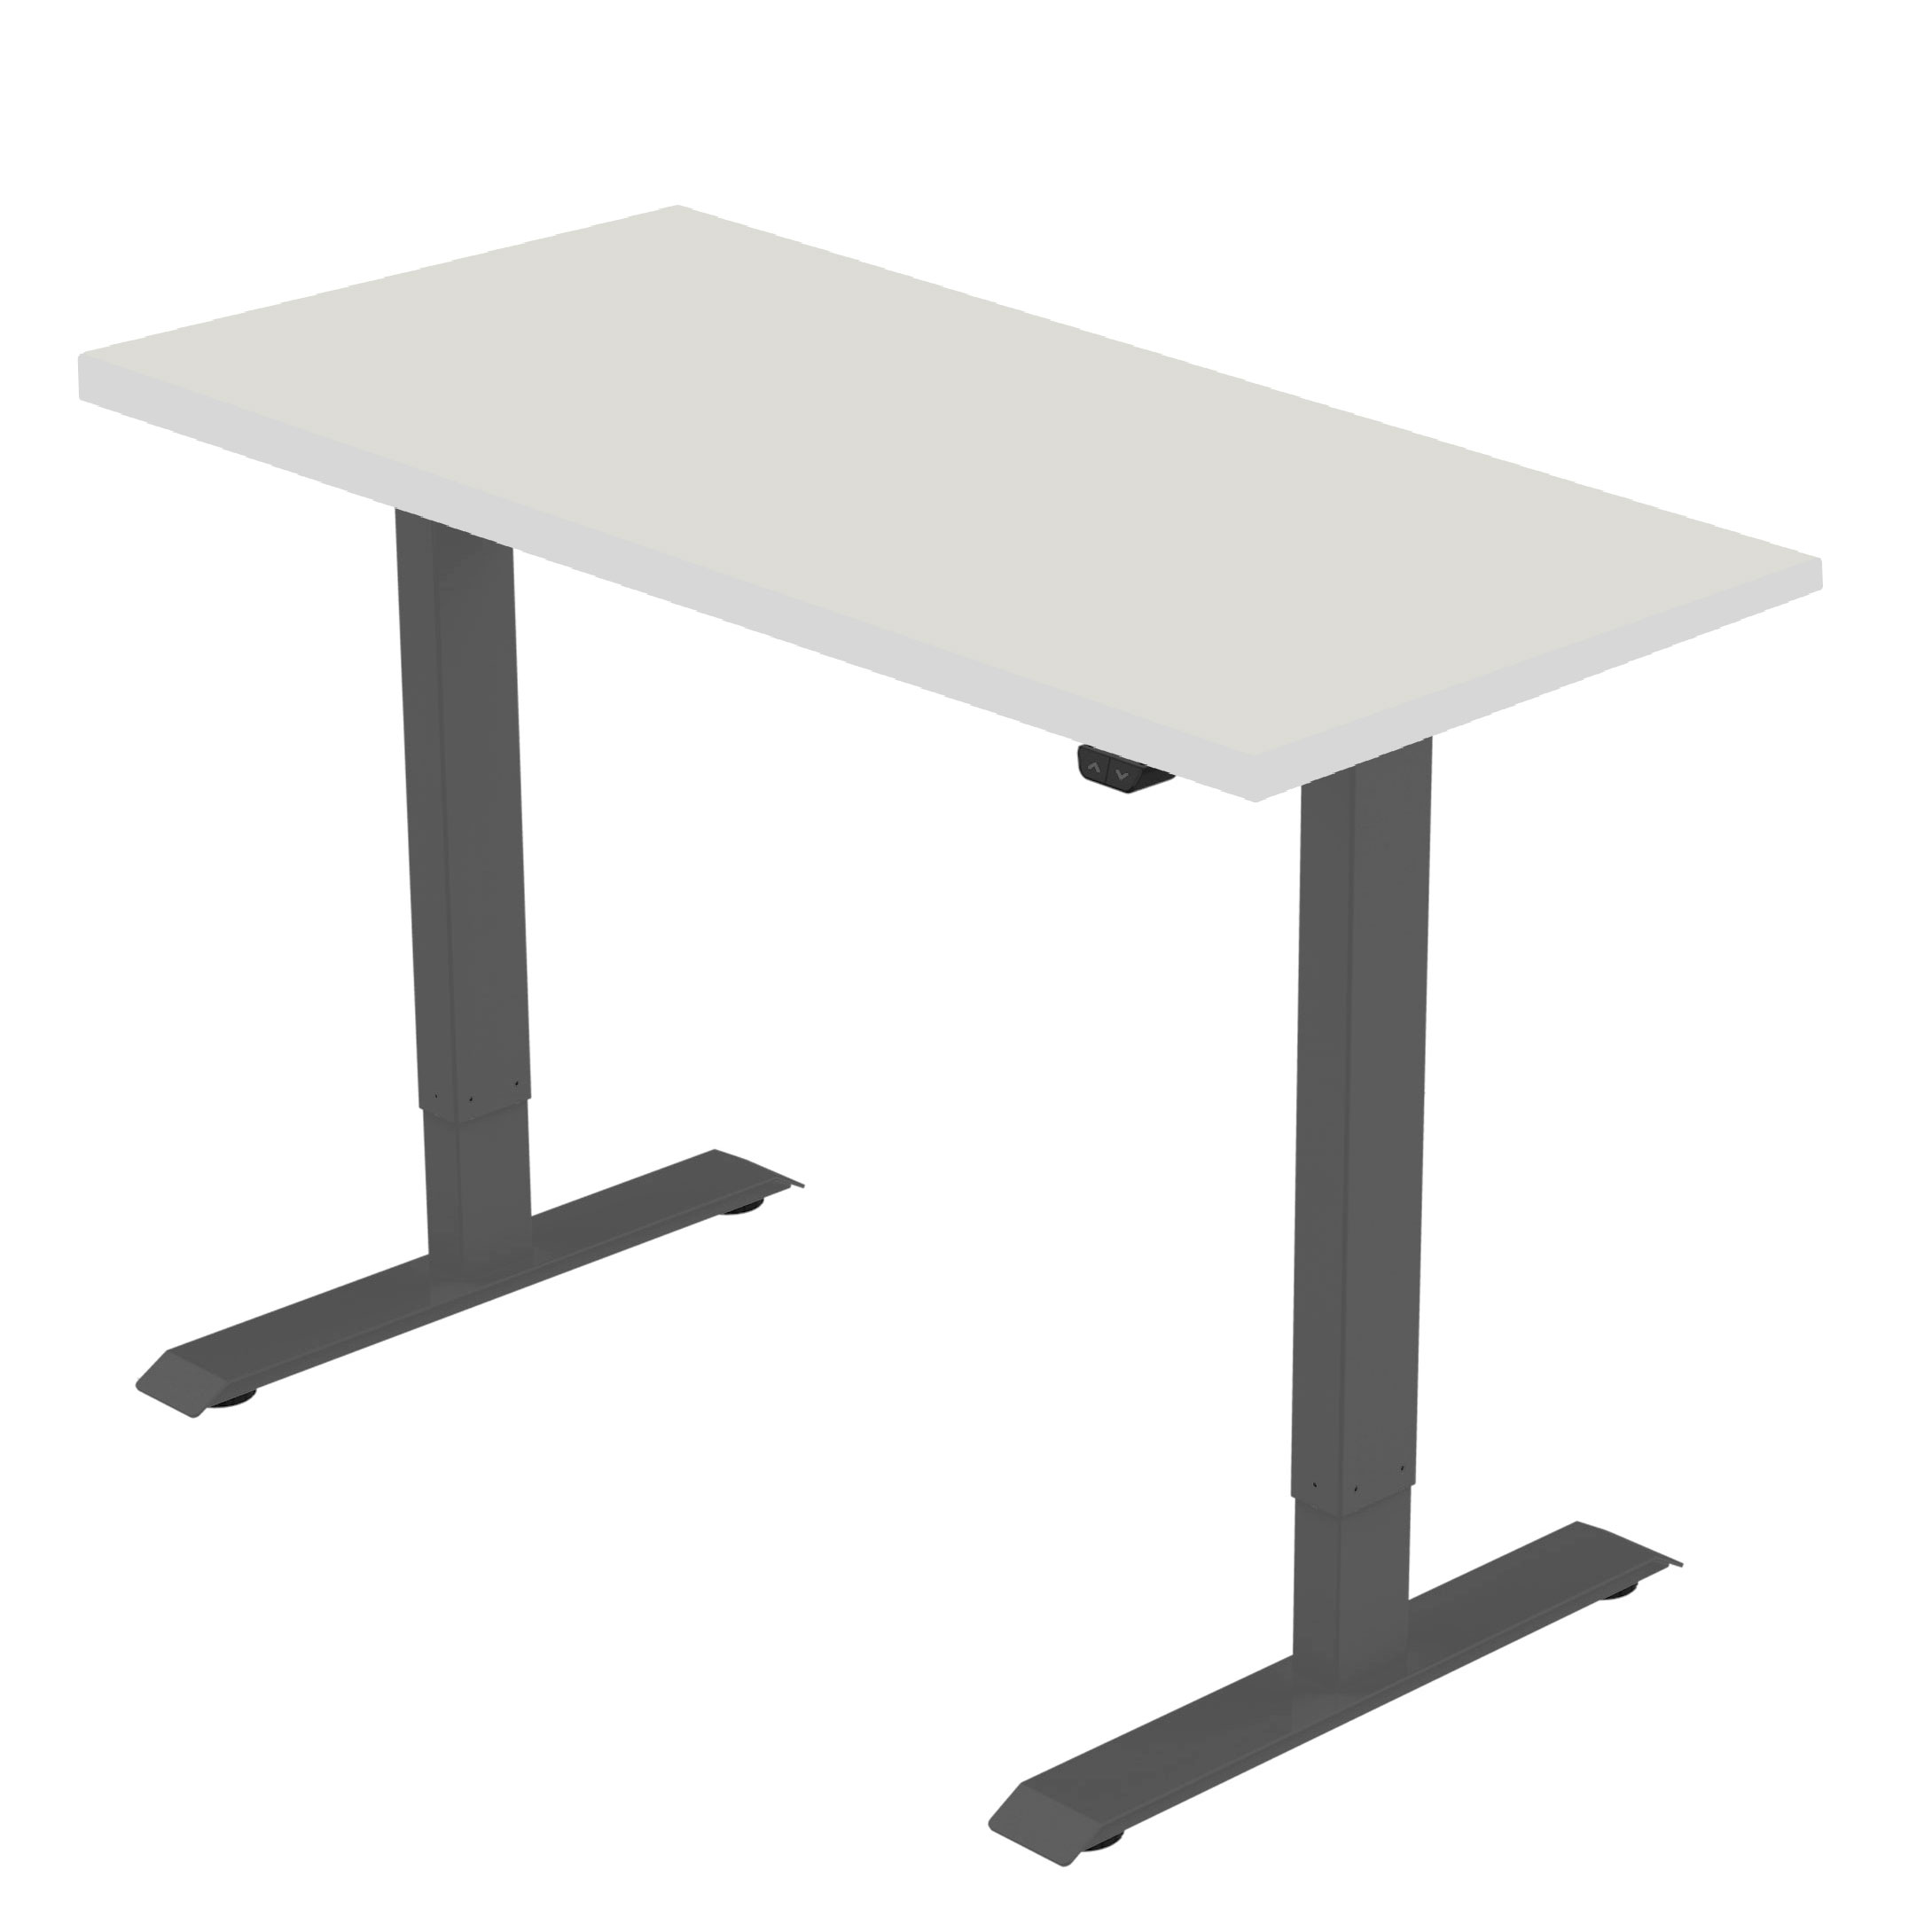 celexon elektrisch höhenverstellbarer Schreibtisch Economy eAdjust-71121 - schwarz, inkl. Tischplatte 175 x 75 cm